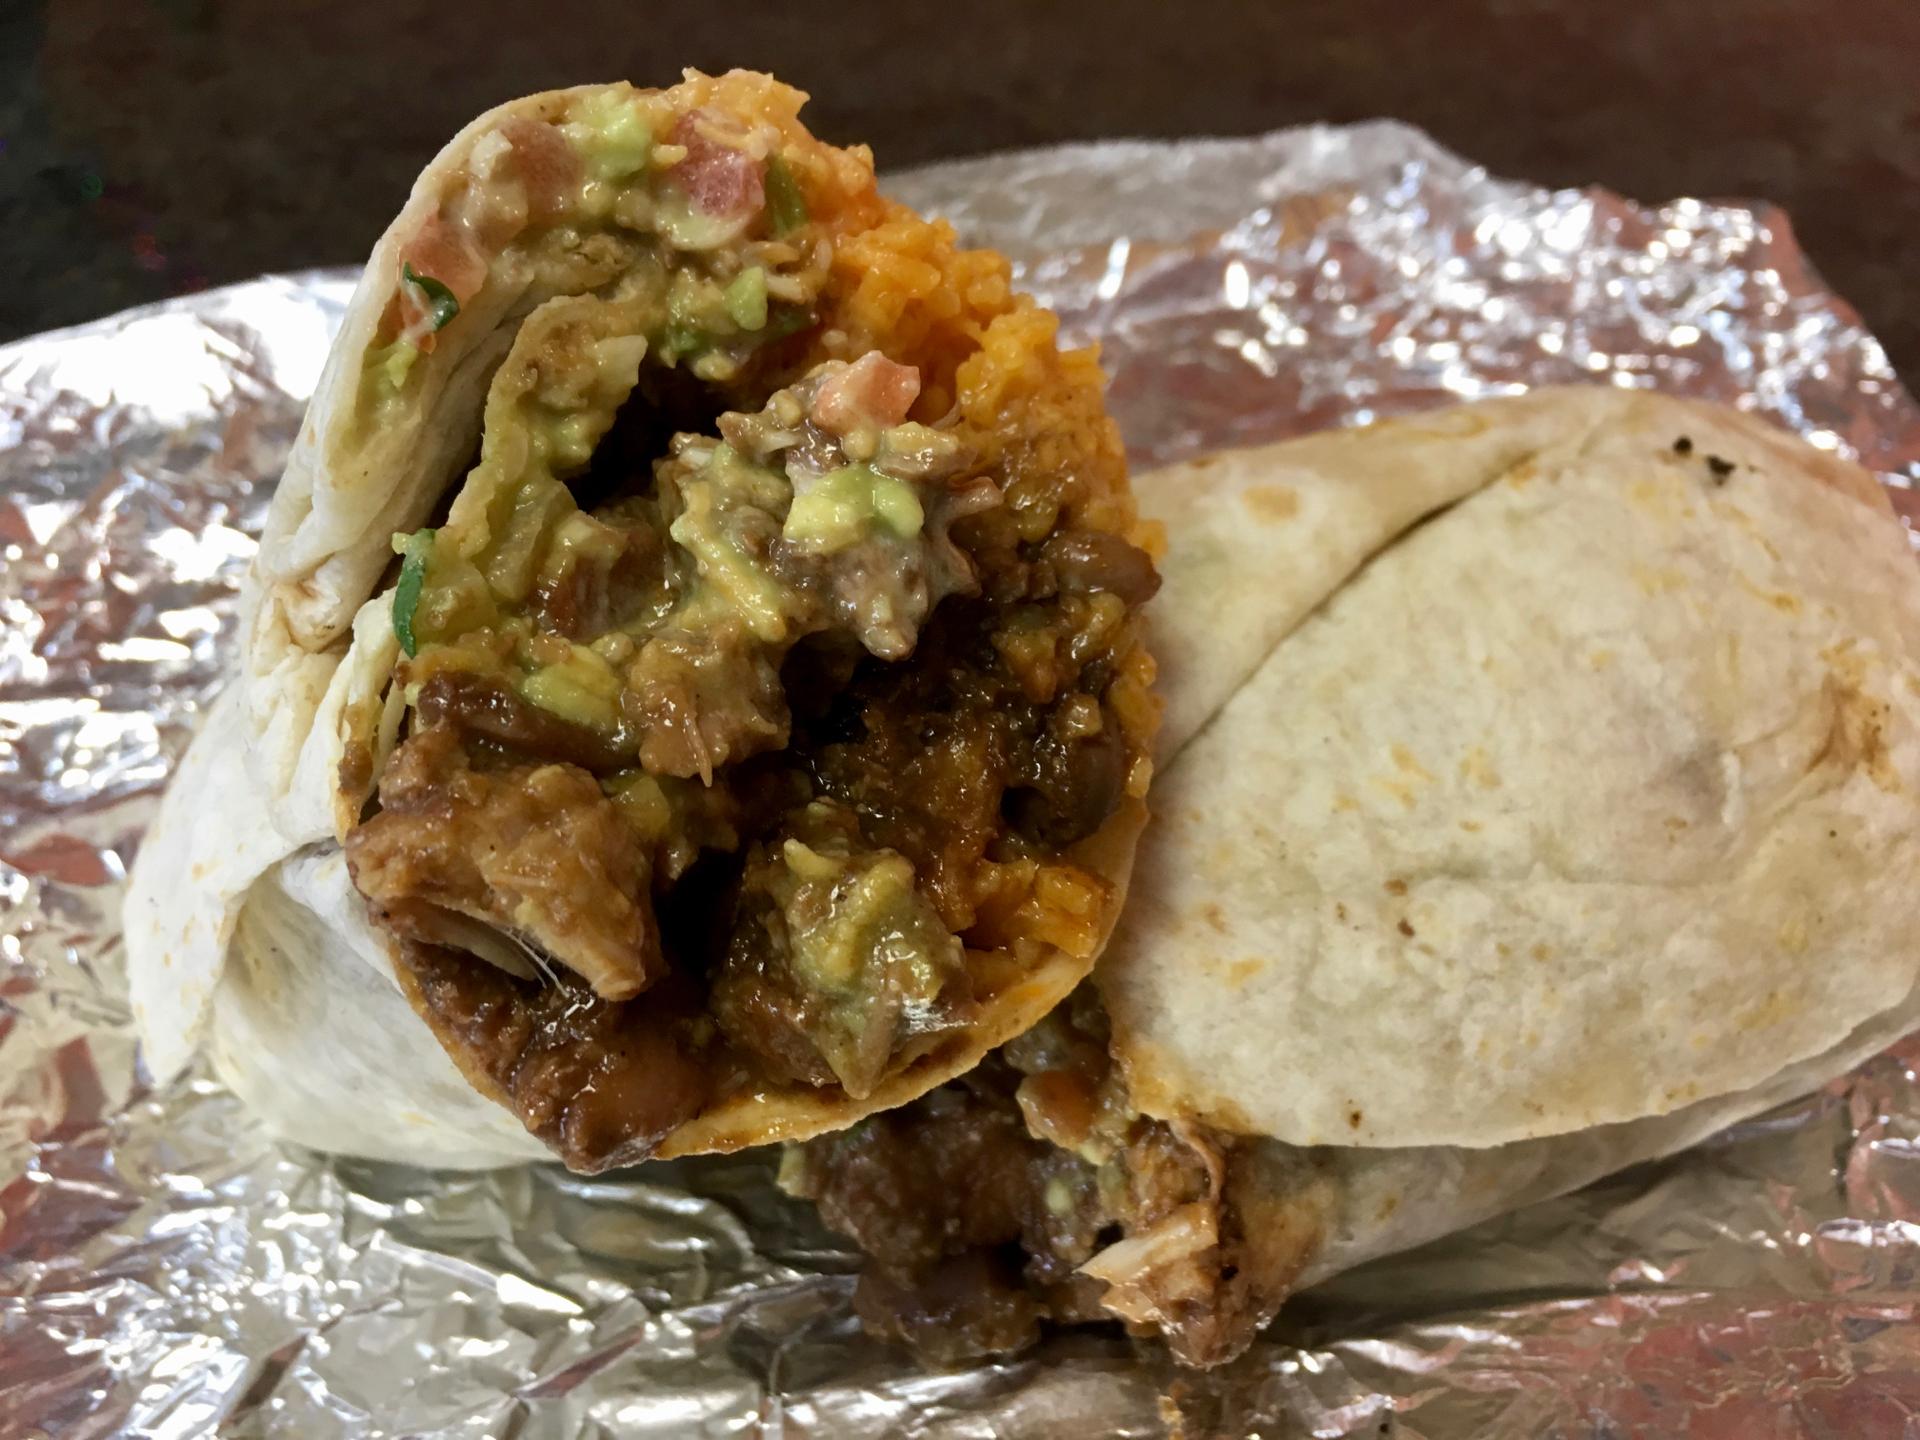 A chicken mole burrito at La Costena Mexican Grill.